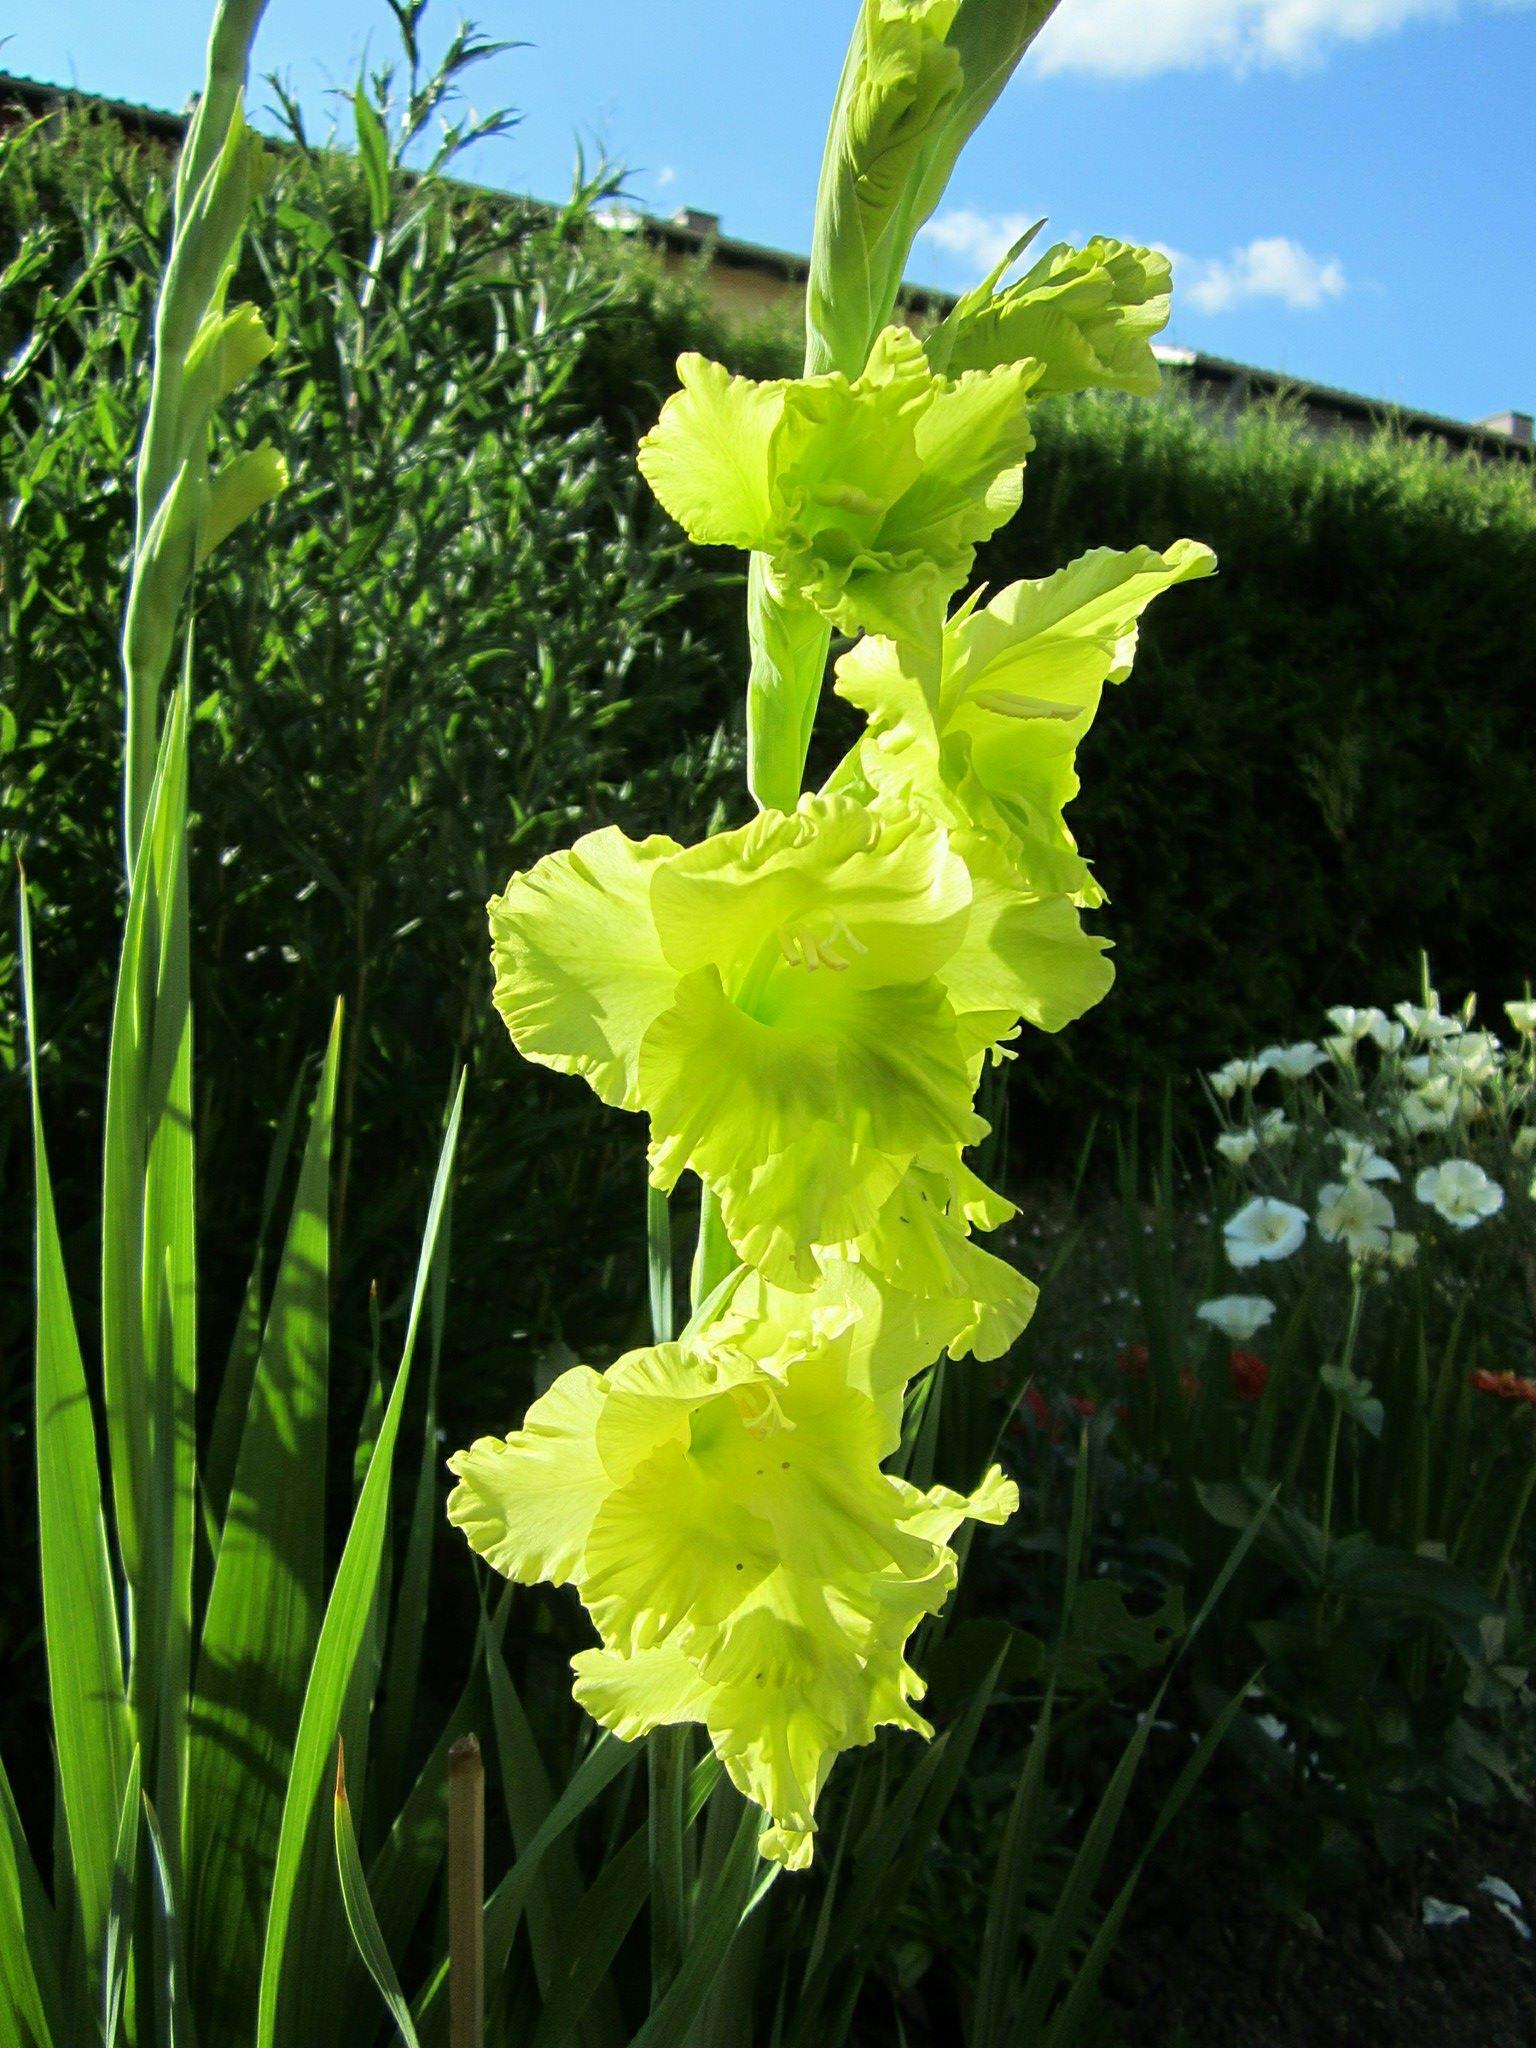 Gambar Musim Panas Menanam Bunga Gladiol Tanaman Berbunga